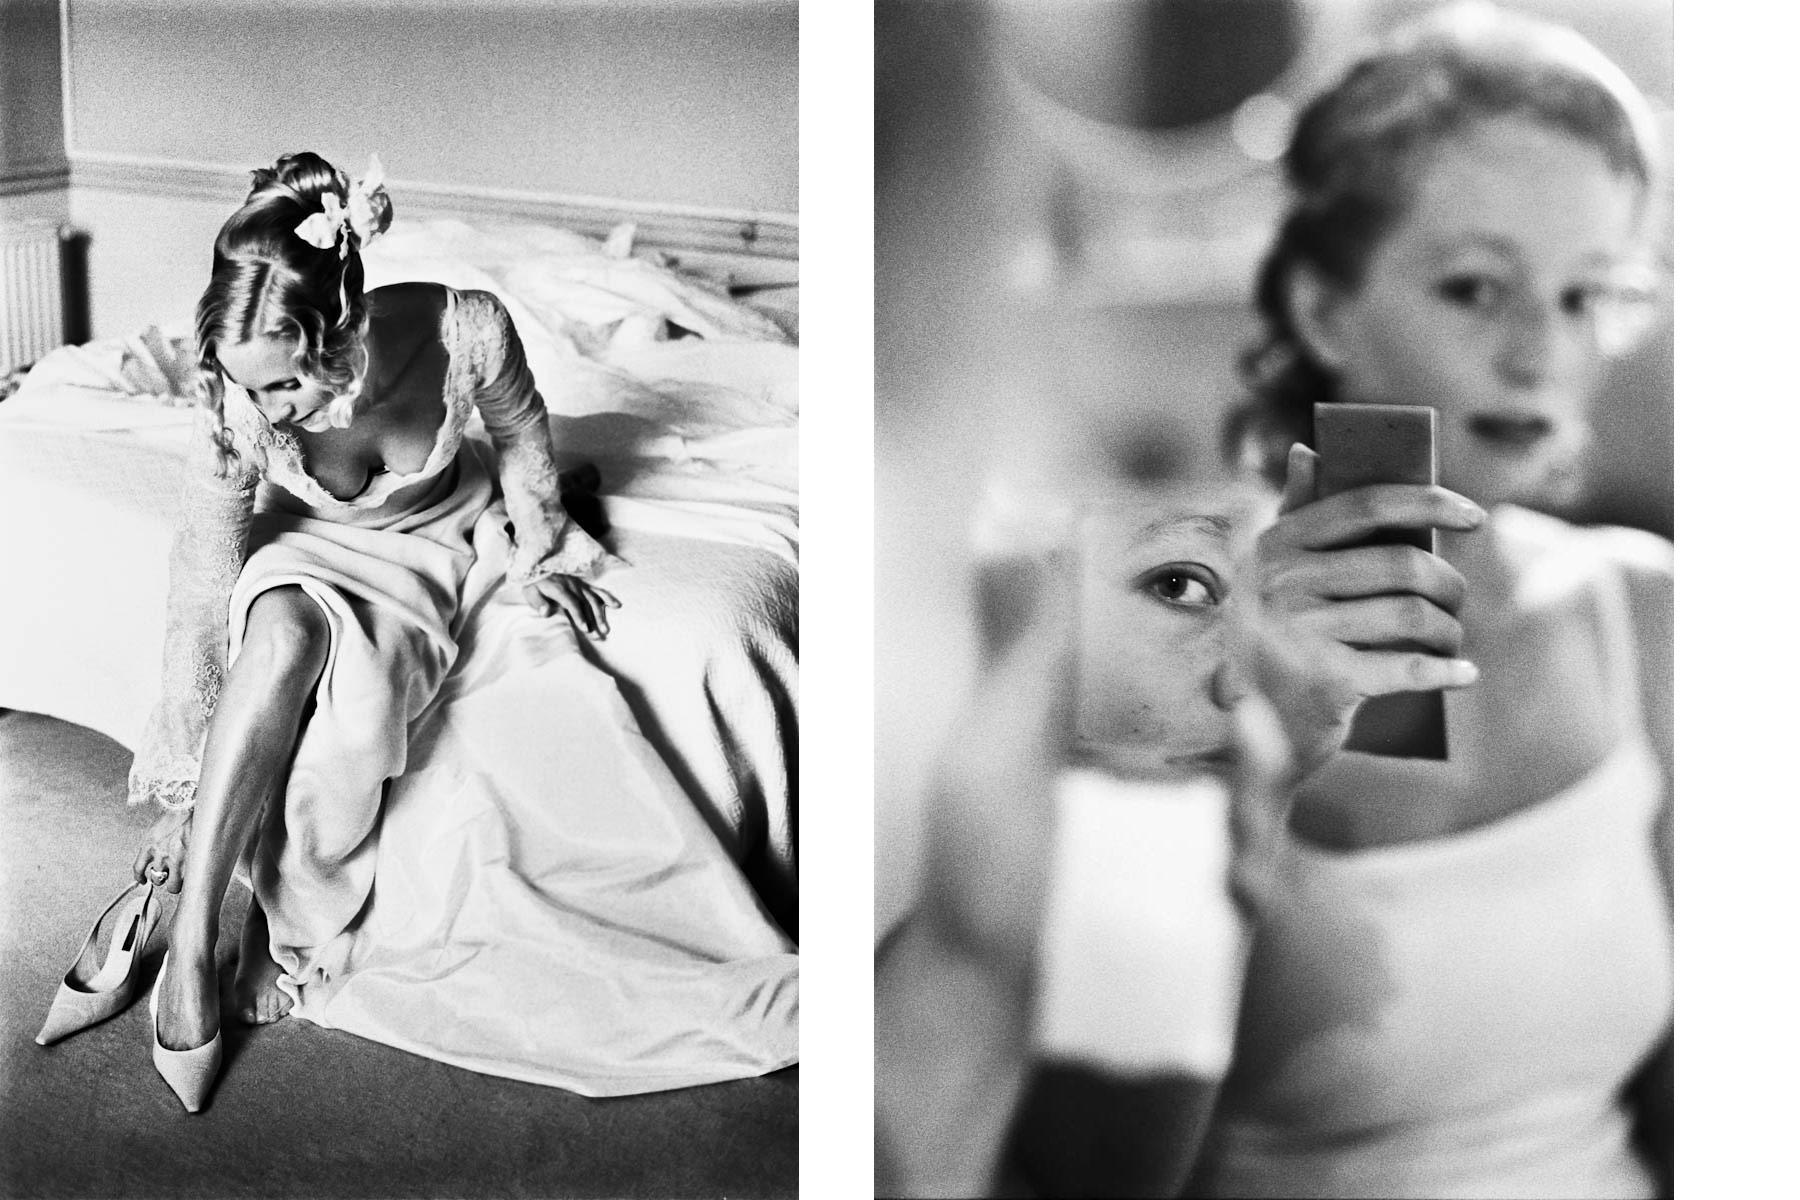 L'élégance du geste par Sofiacome, Photographe de mariage